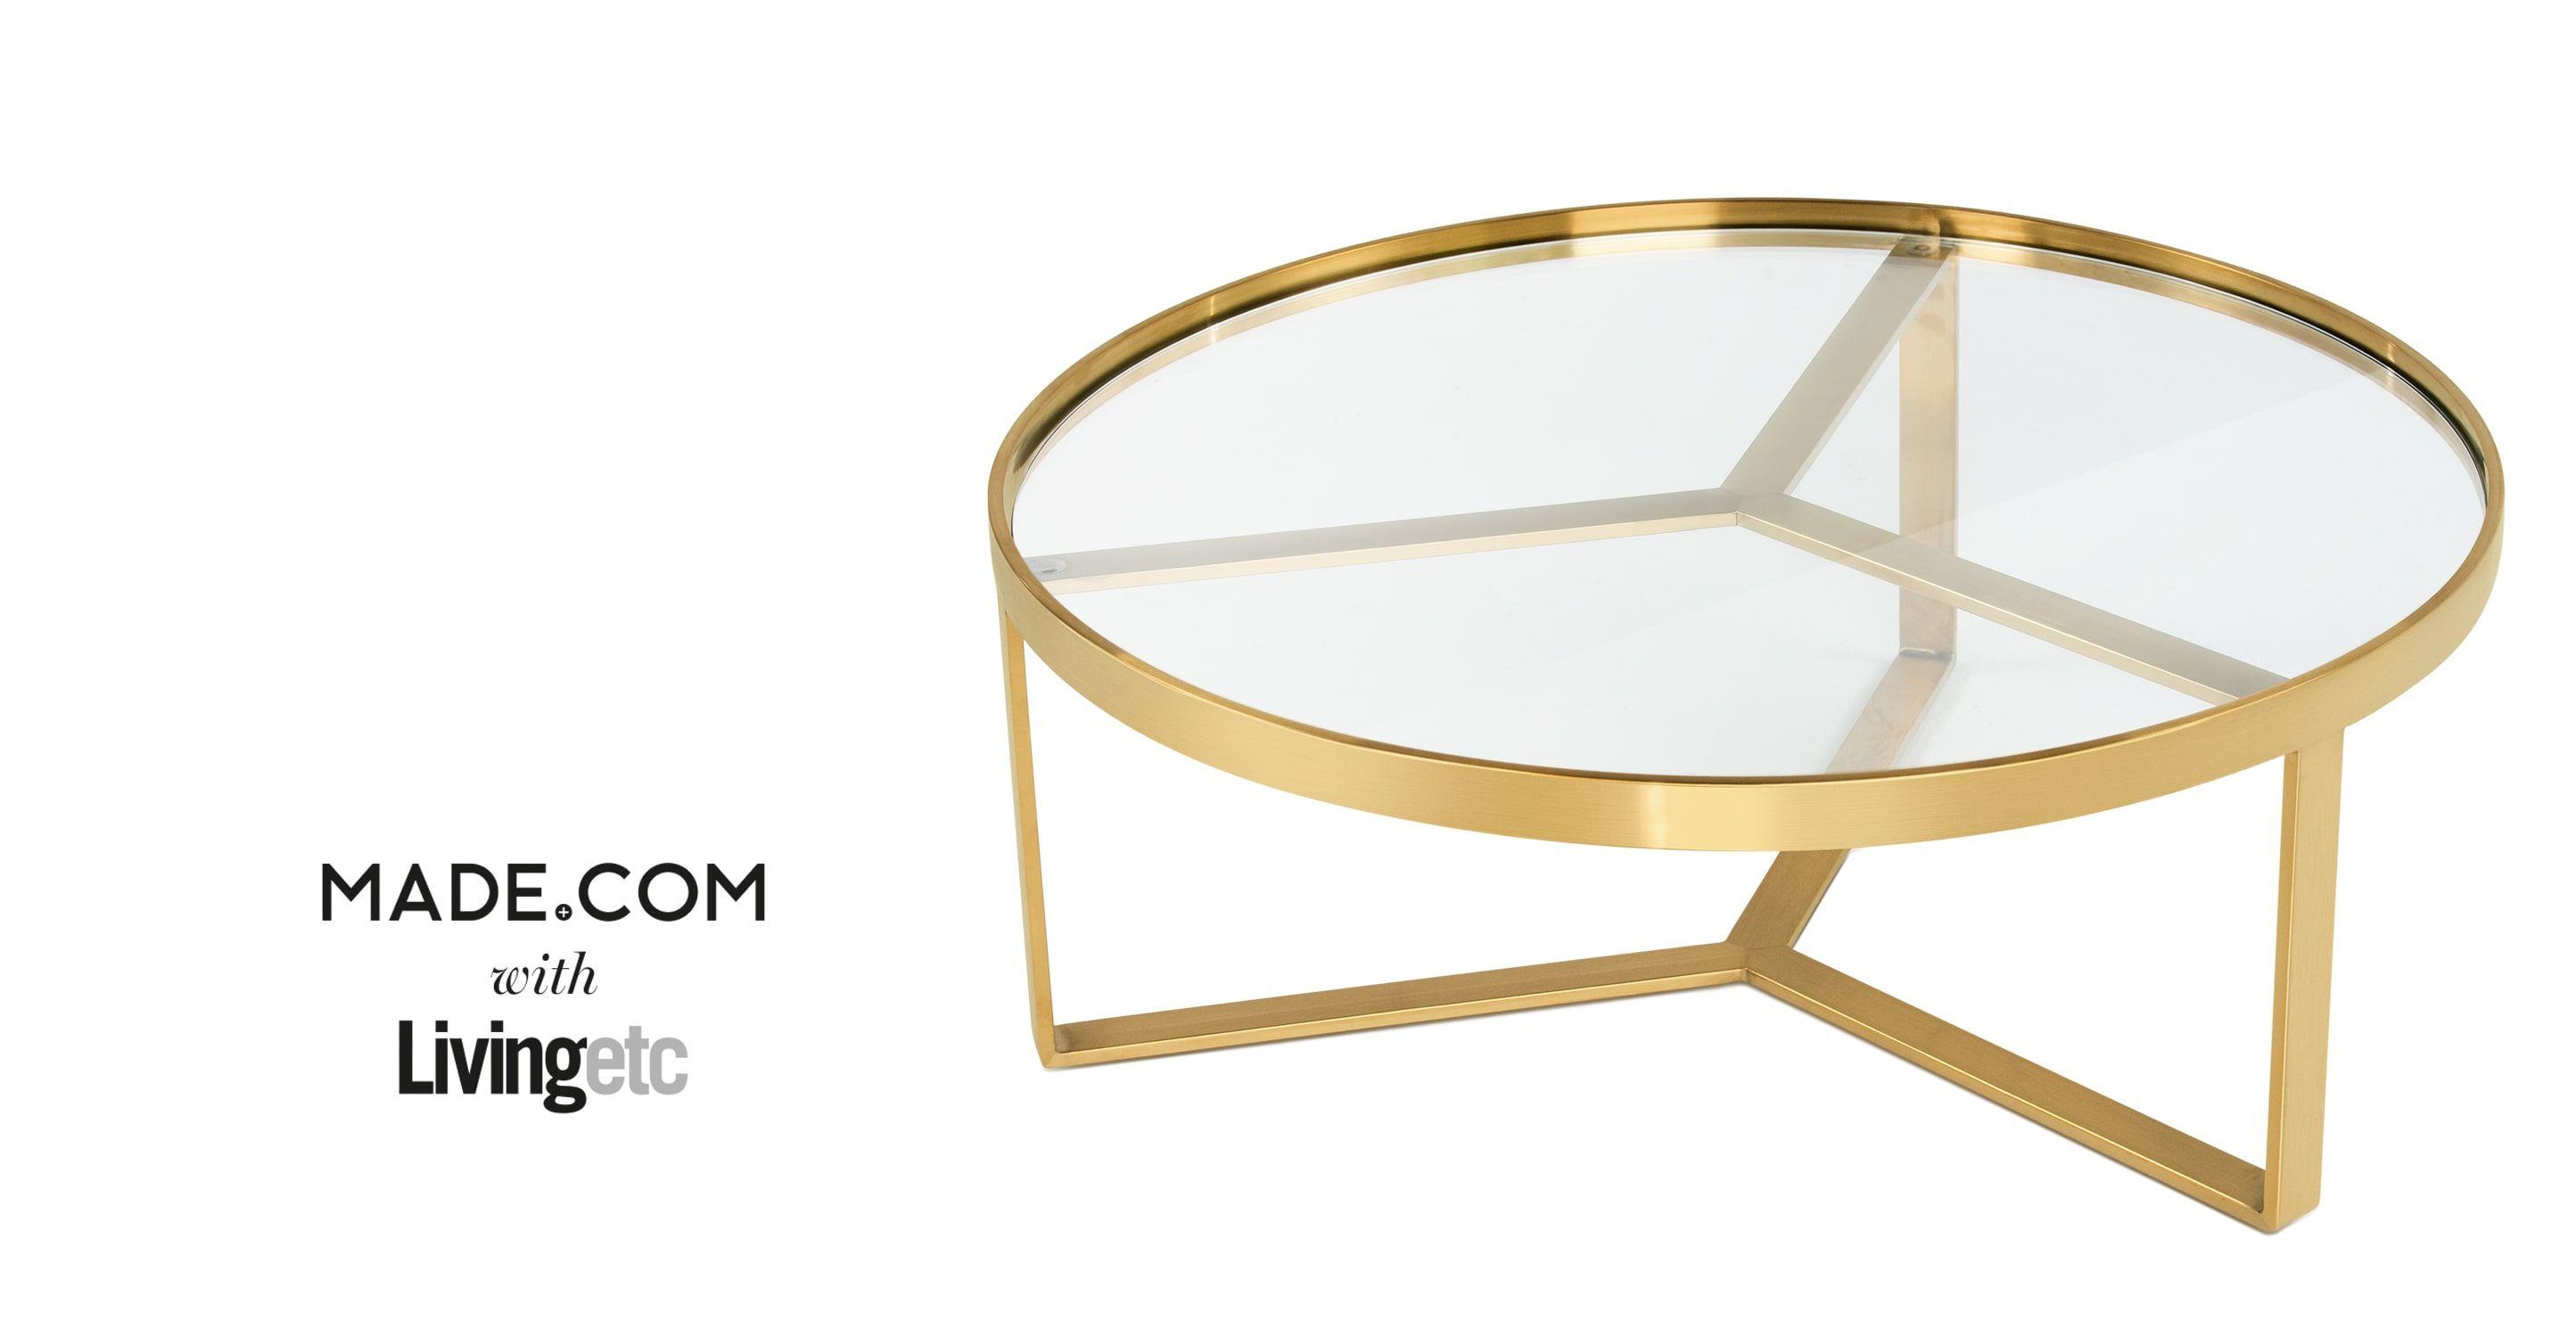 7f77b52a6633bbf7163ea67f144442bb Luxe De Pied De Table Basse Ikea Schème